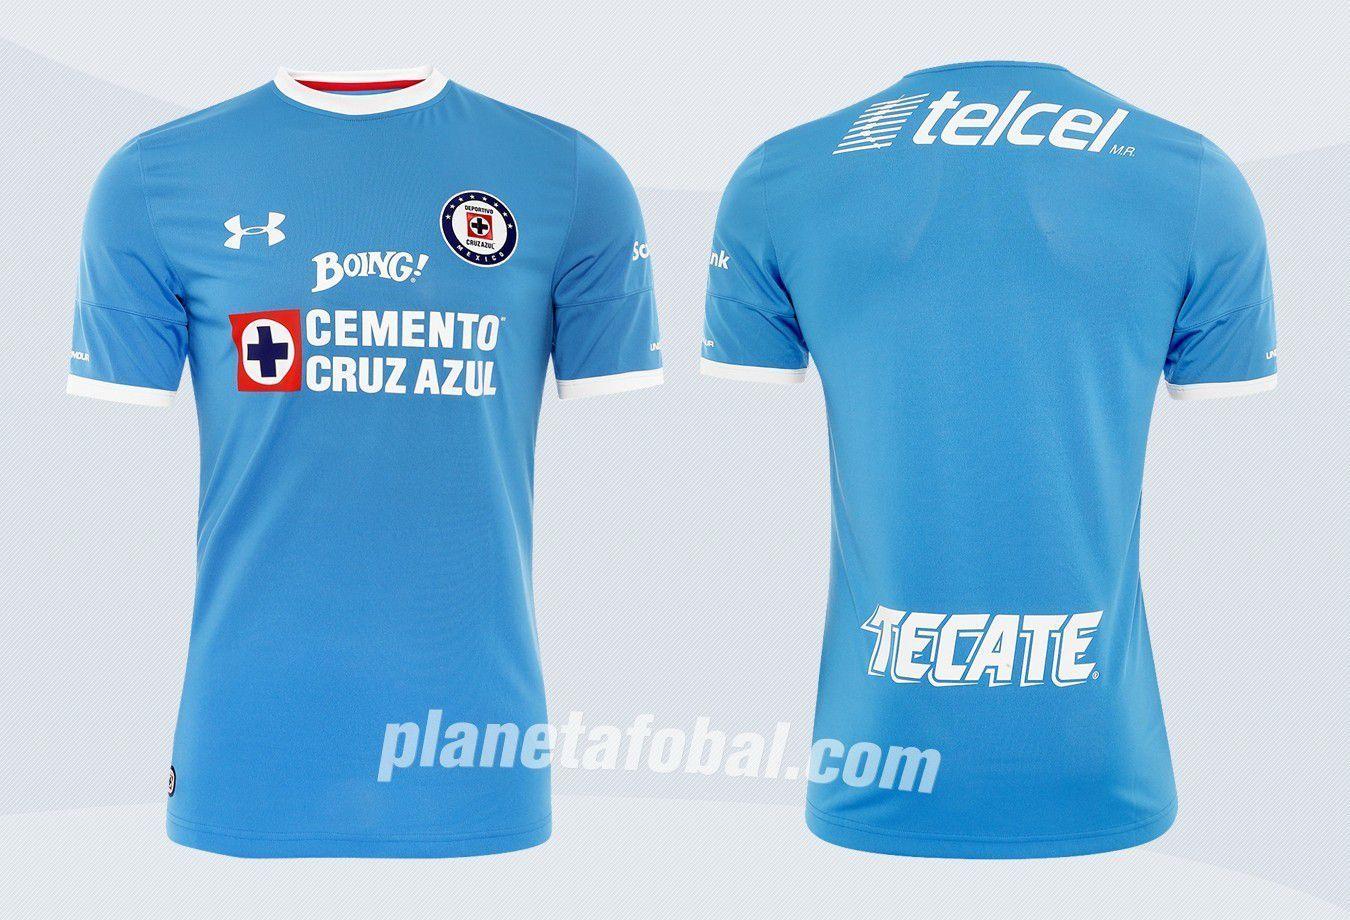 Camiseta titular Under Armour del Cruz Azul para 2016/2017 | Imágenes Tienda Oficial